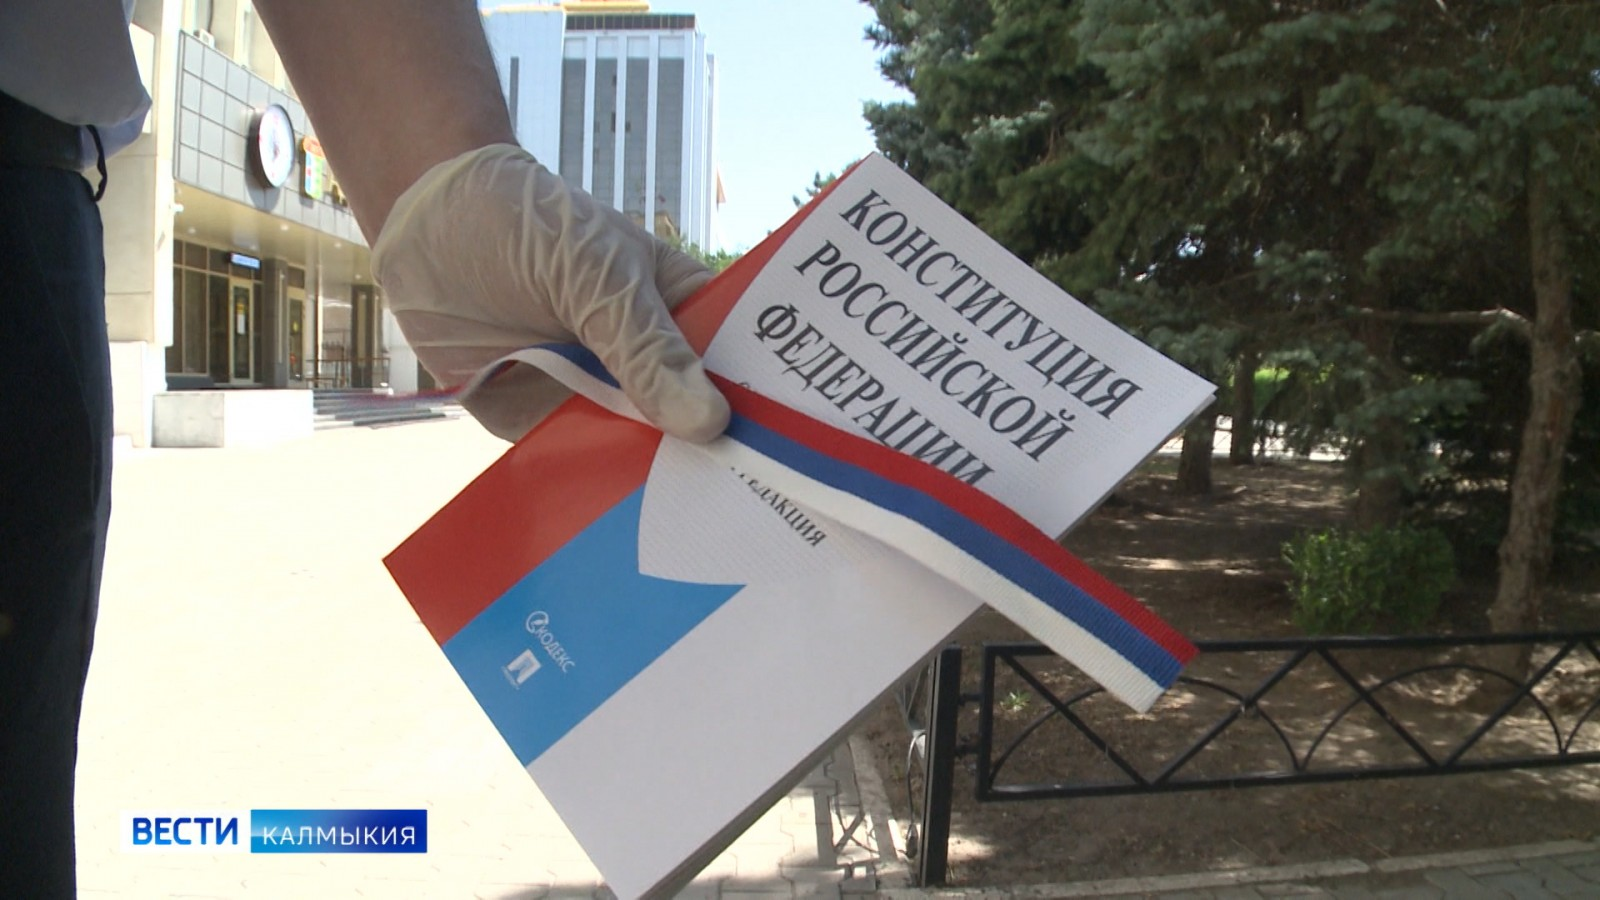 Волонтёры раздали обновлённую конституцию в центре города